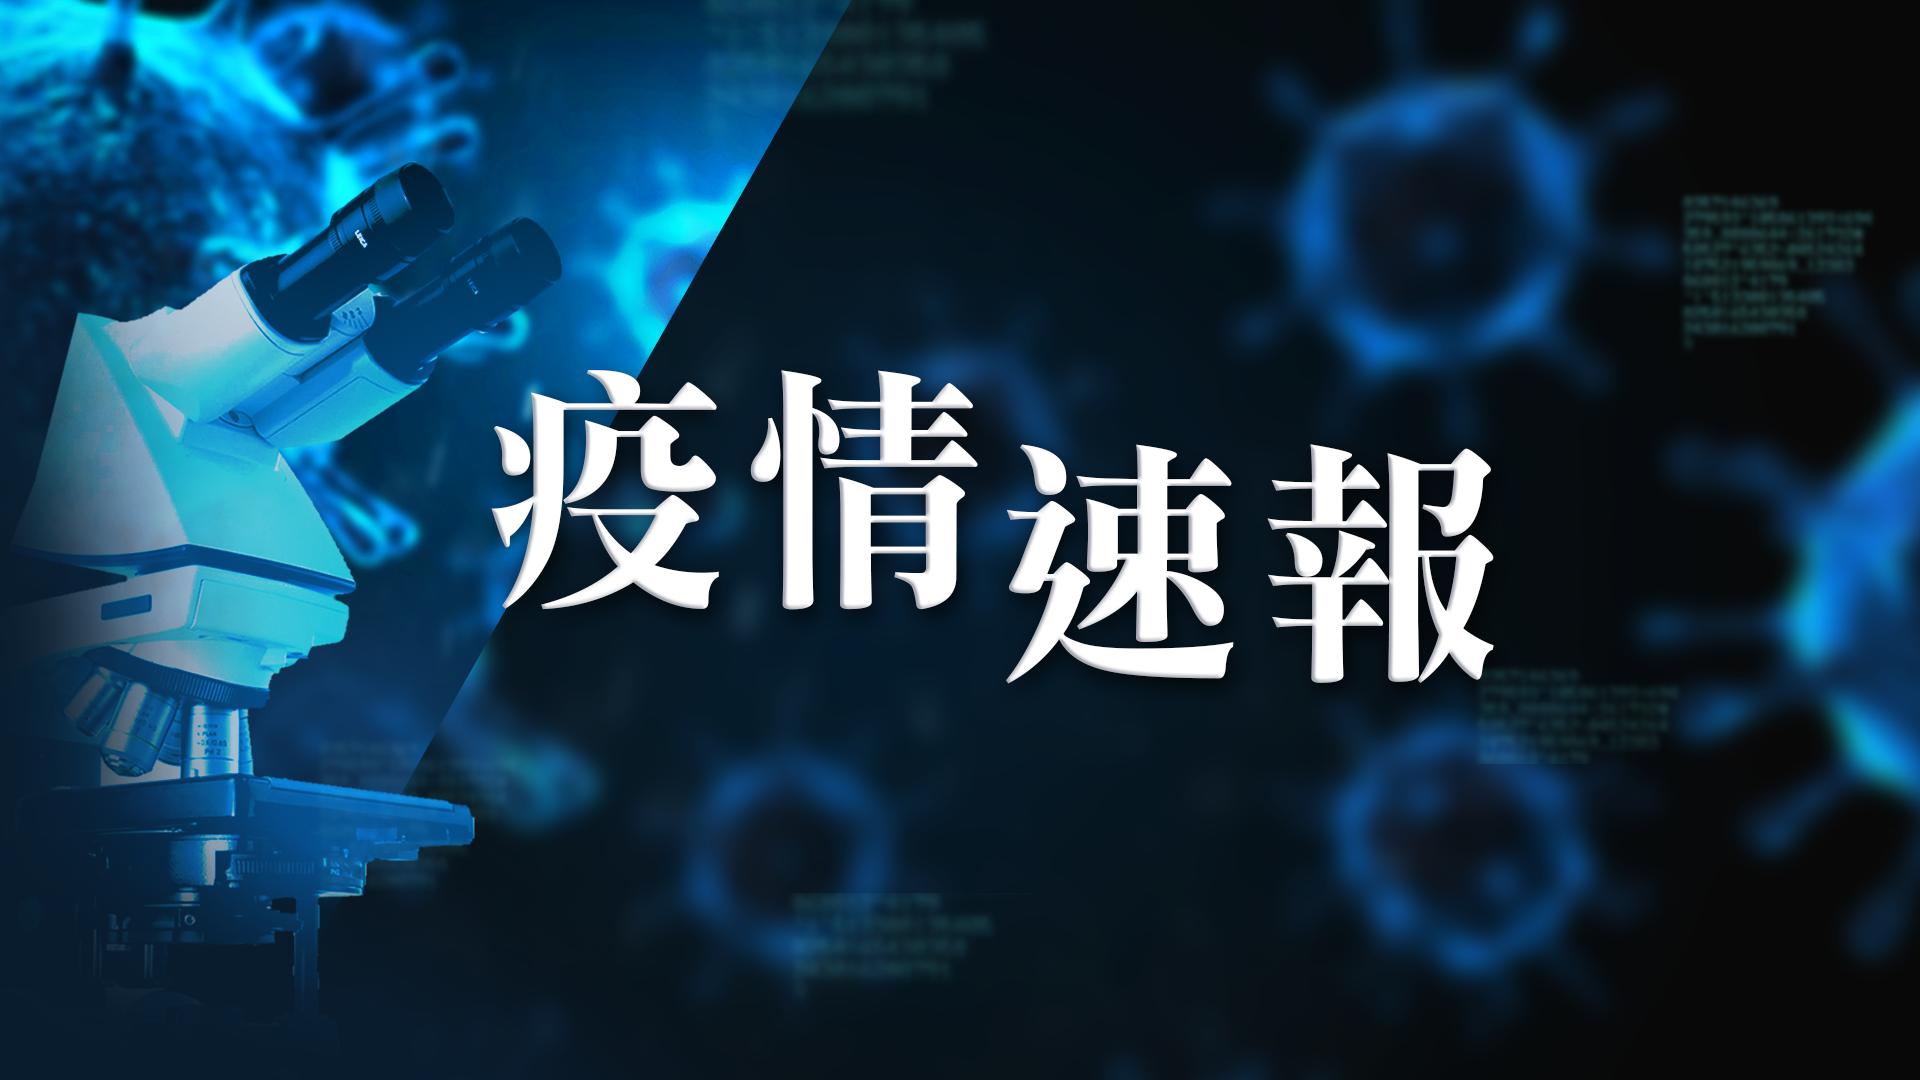 【9月21日疫情速報】(15:00)